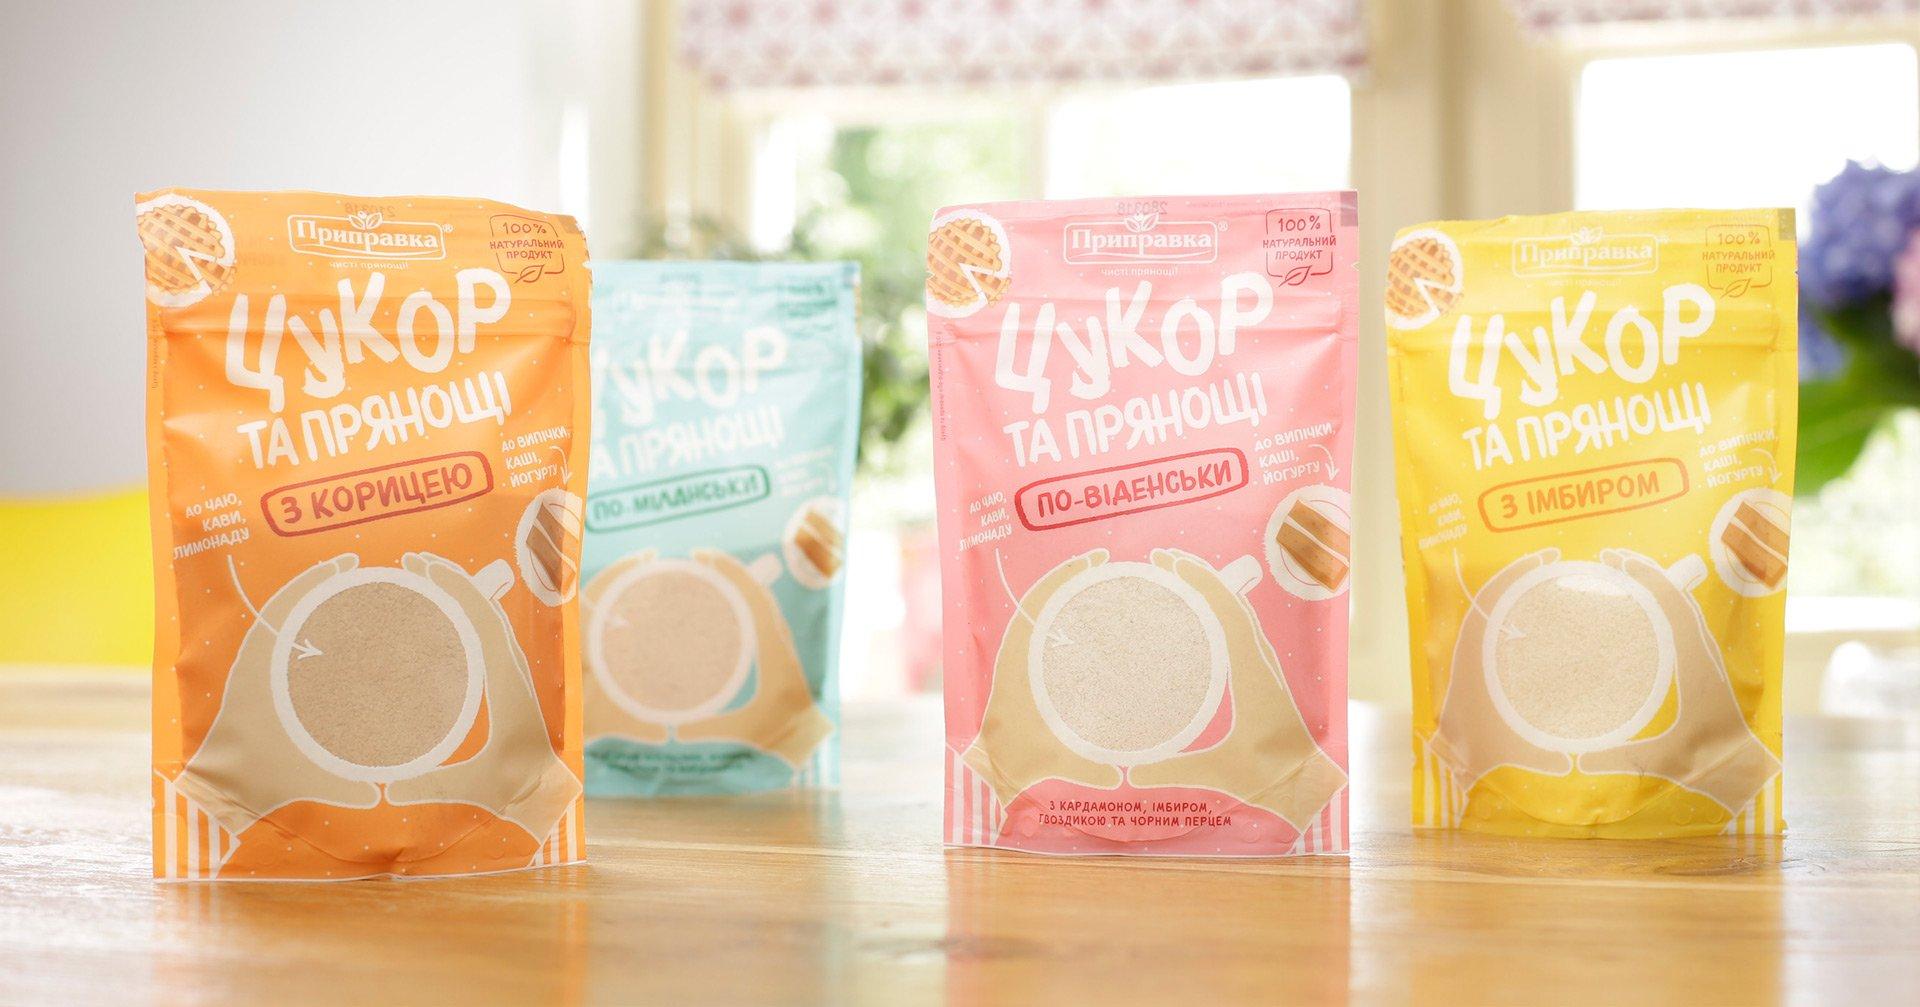 Дизайн упаковки серії універсальних сумішей «Цукор та прянощі»